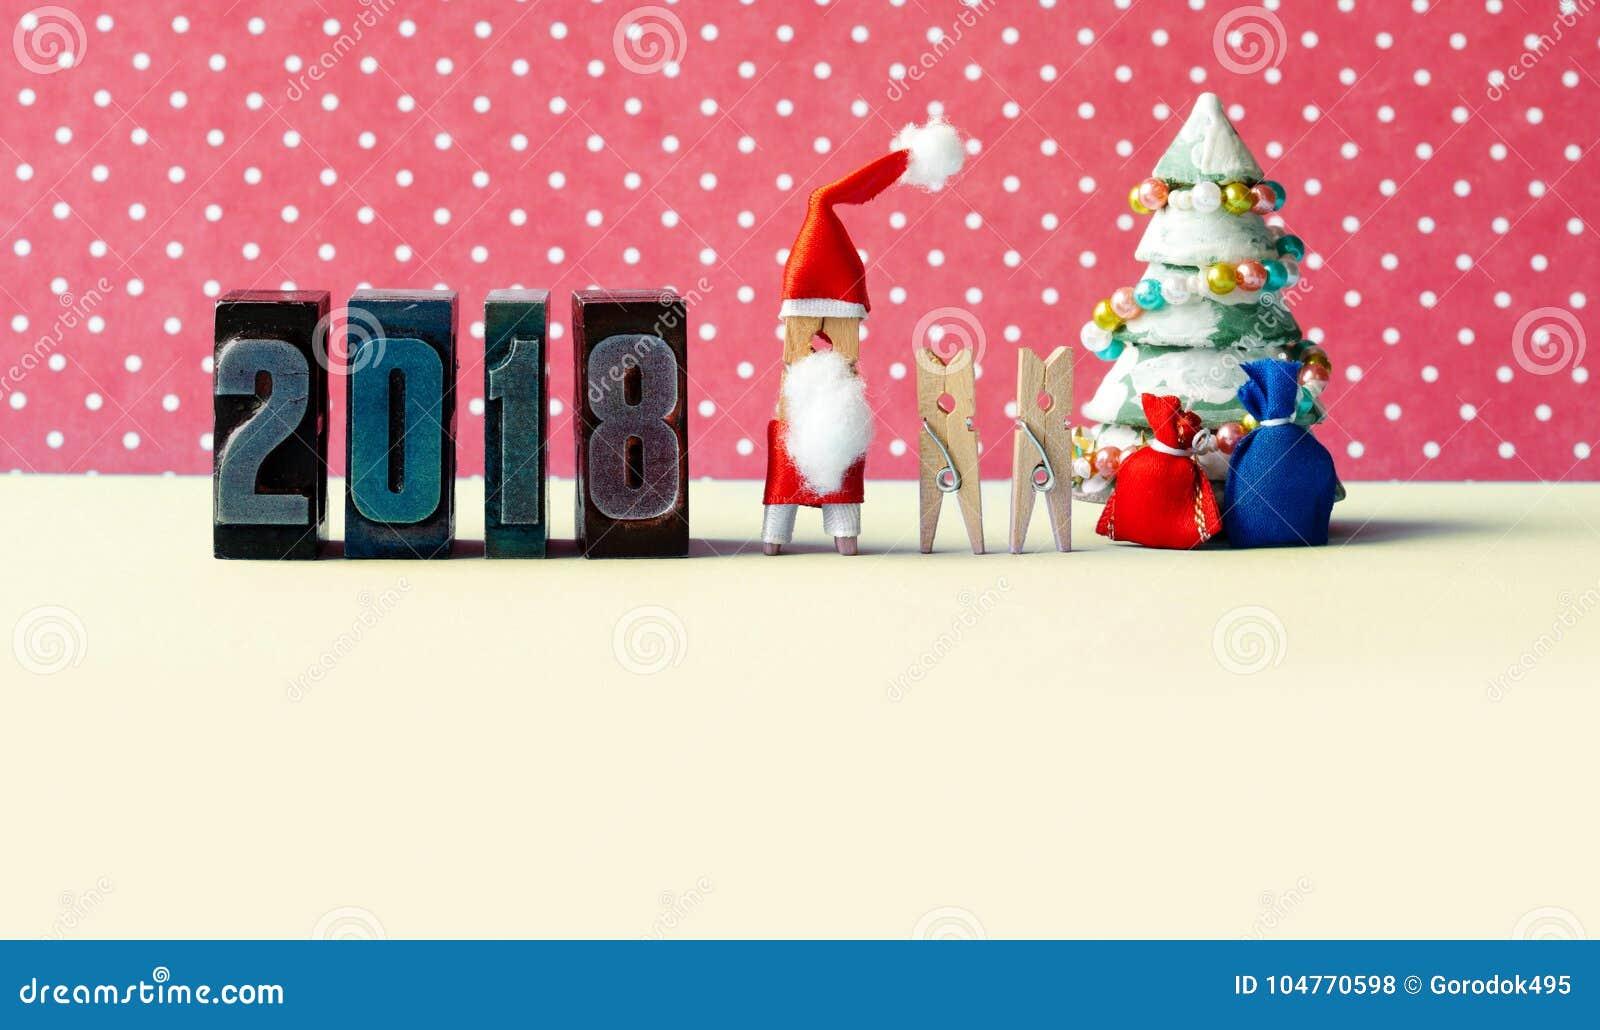 Счастливый плакат партии Xmas Нового Года 2018 Дети, украшенная ель, подарки в сумках и год сбора винограда зажимок для белья Сан